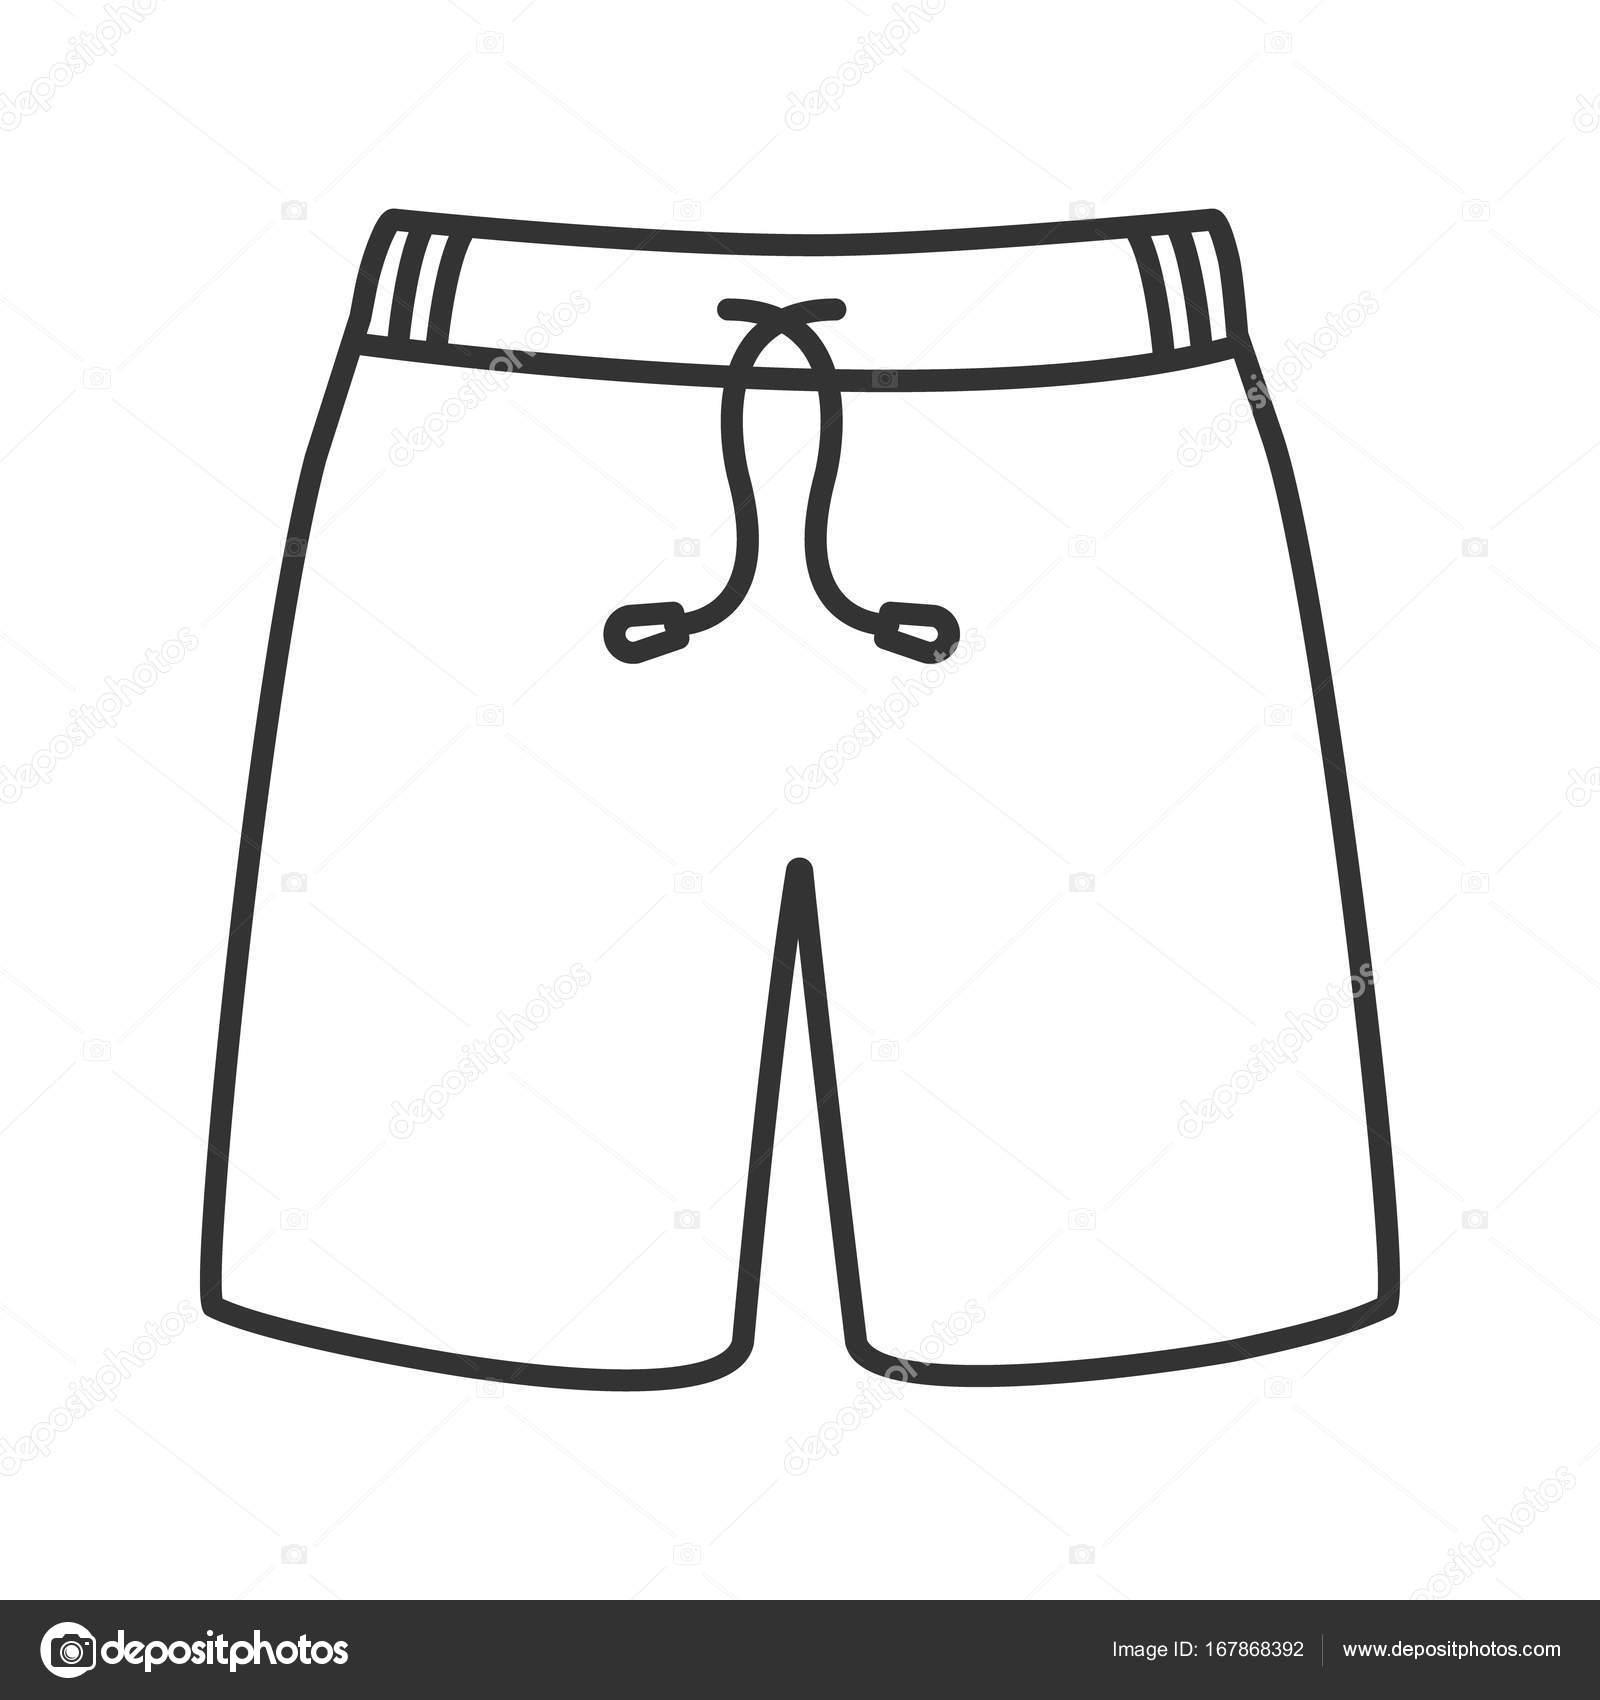 zwembroek lineaire pictogram stockvector 169 bsd 167868392